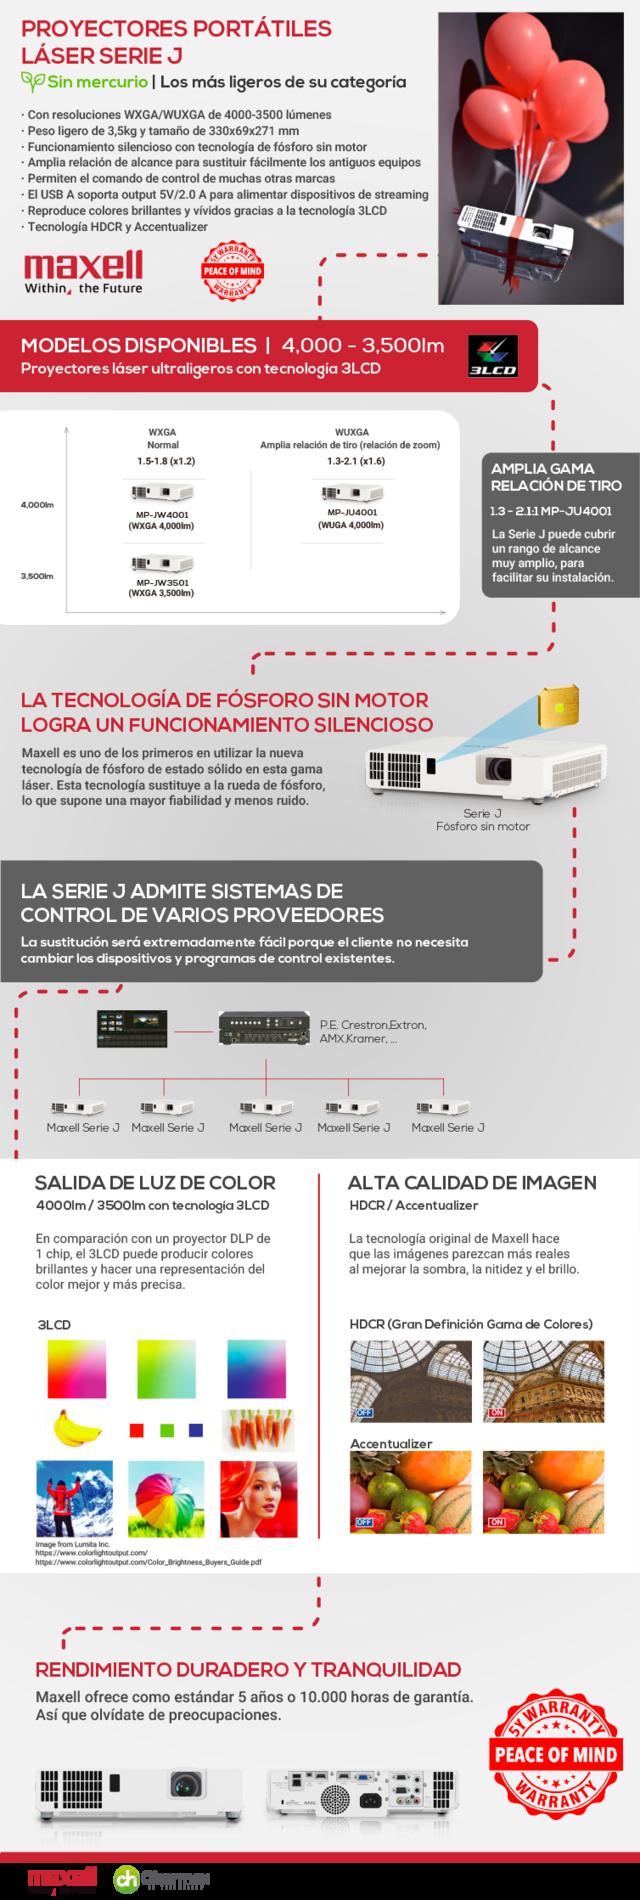 Infografia proyectores portátiles de Maxell SerieJ